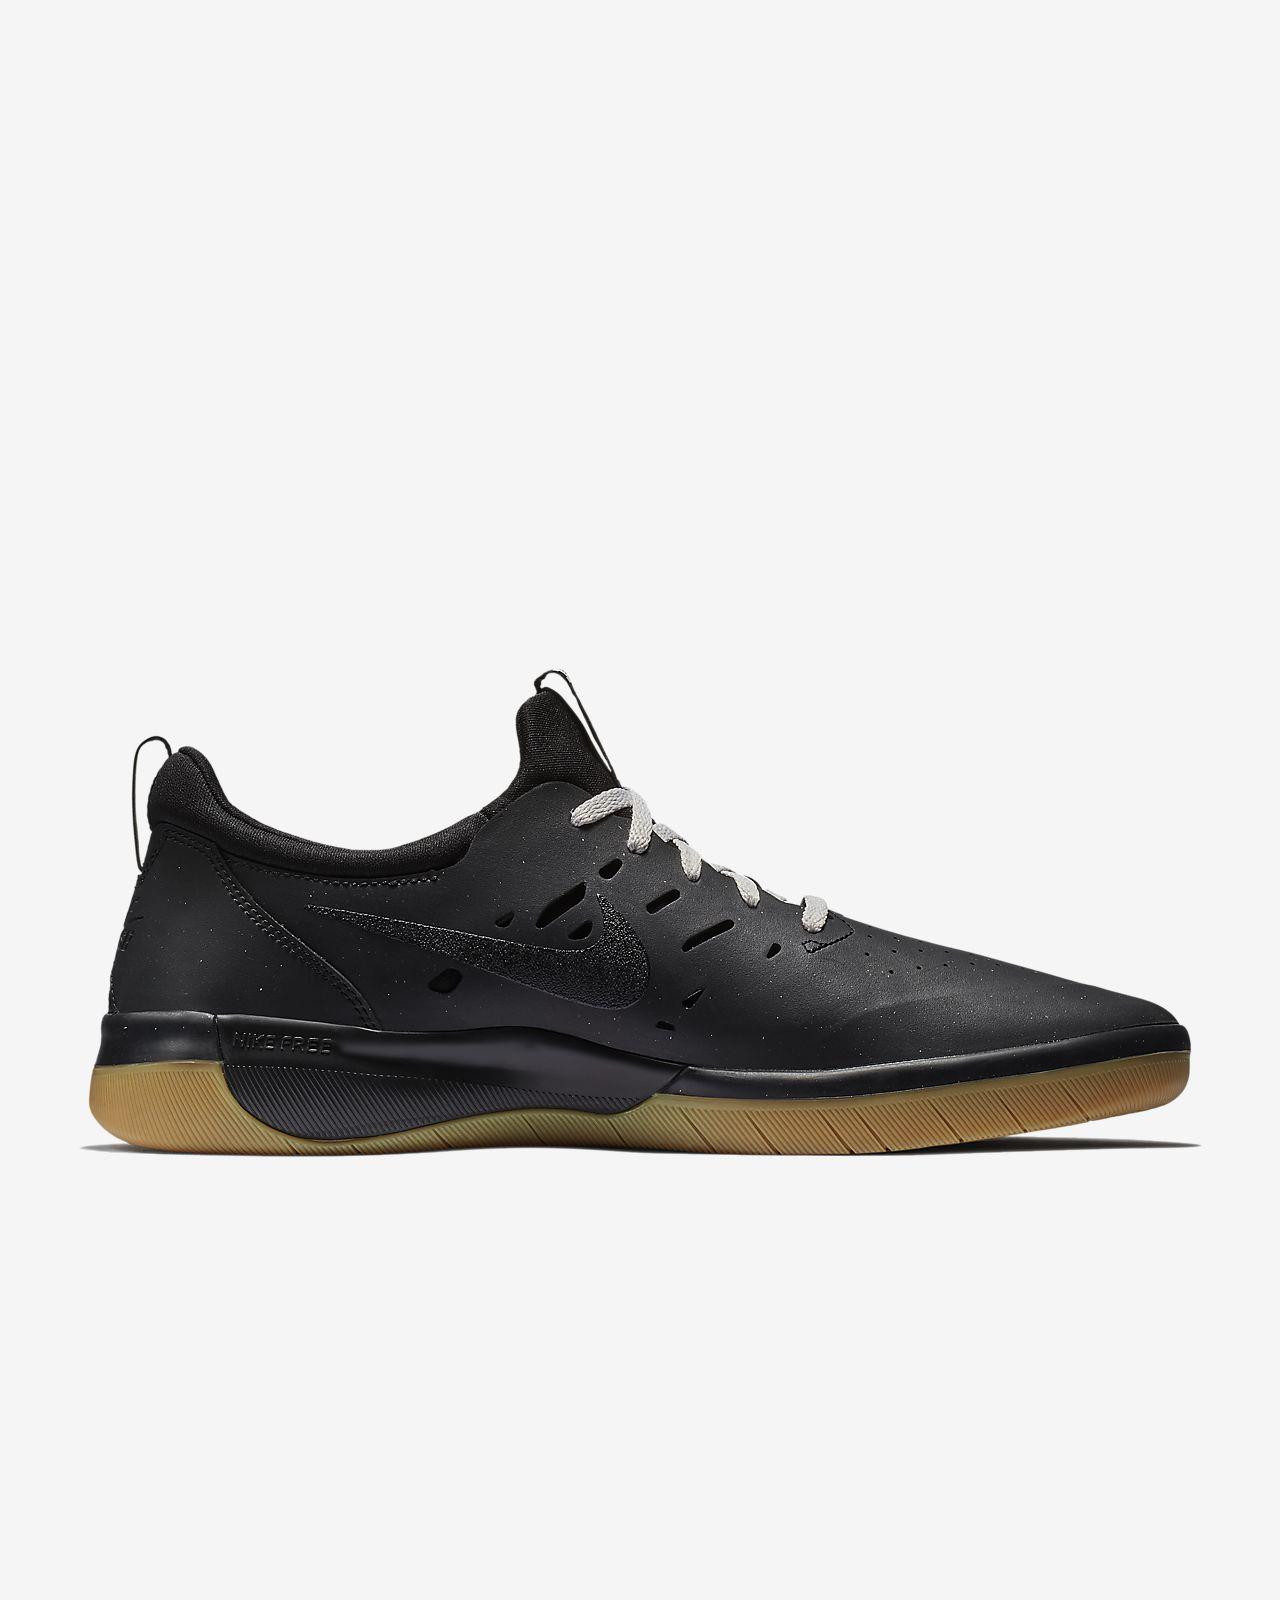 separation shoes 9dd7d cf699 Nike Zoom Stefan Janoski CNVS, Chaussures de Skate Homme, Noir (Noir Blanc